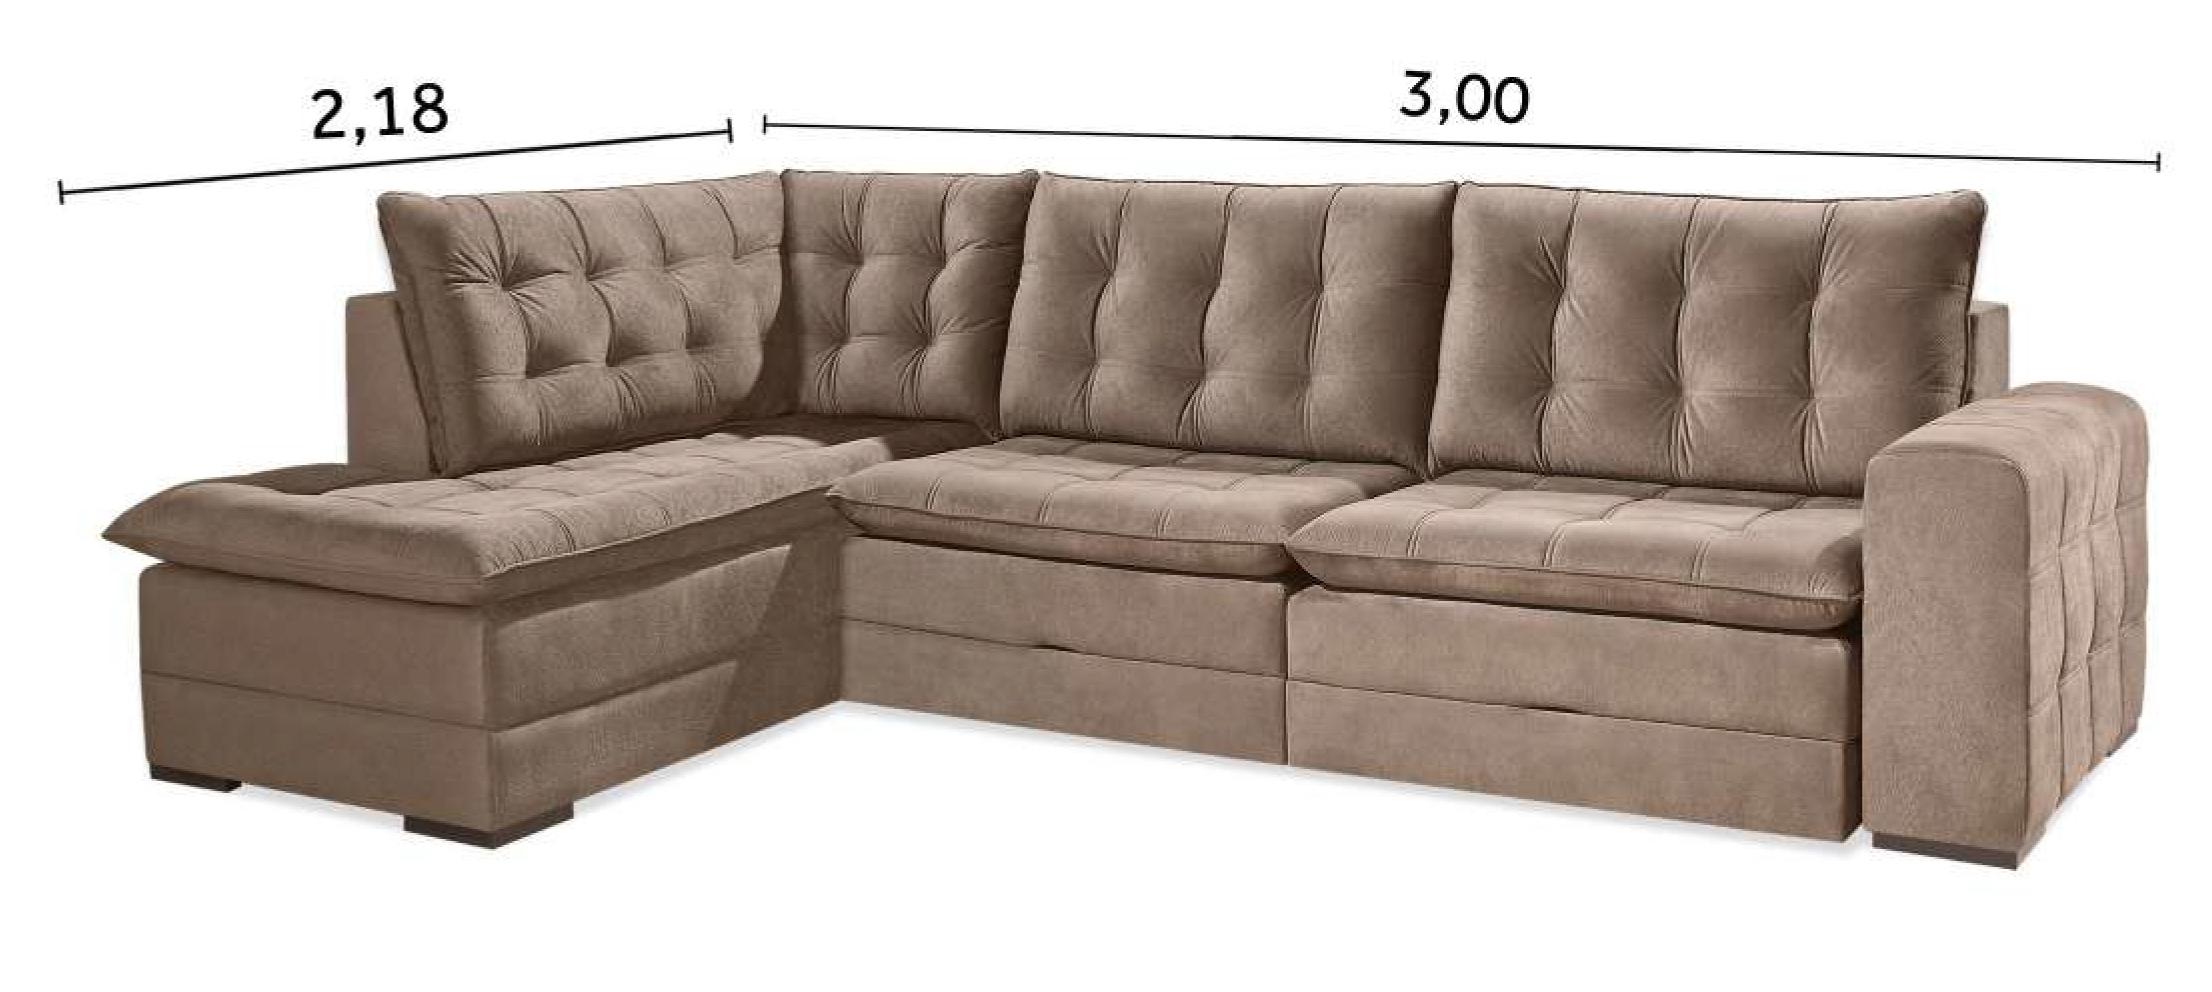 Tamanhos e Medidas do sofá Duba